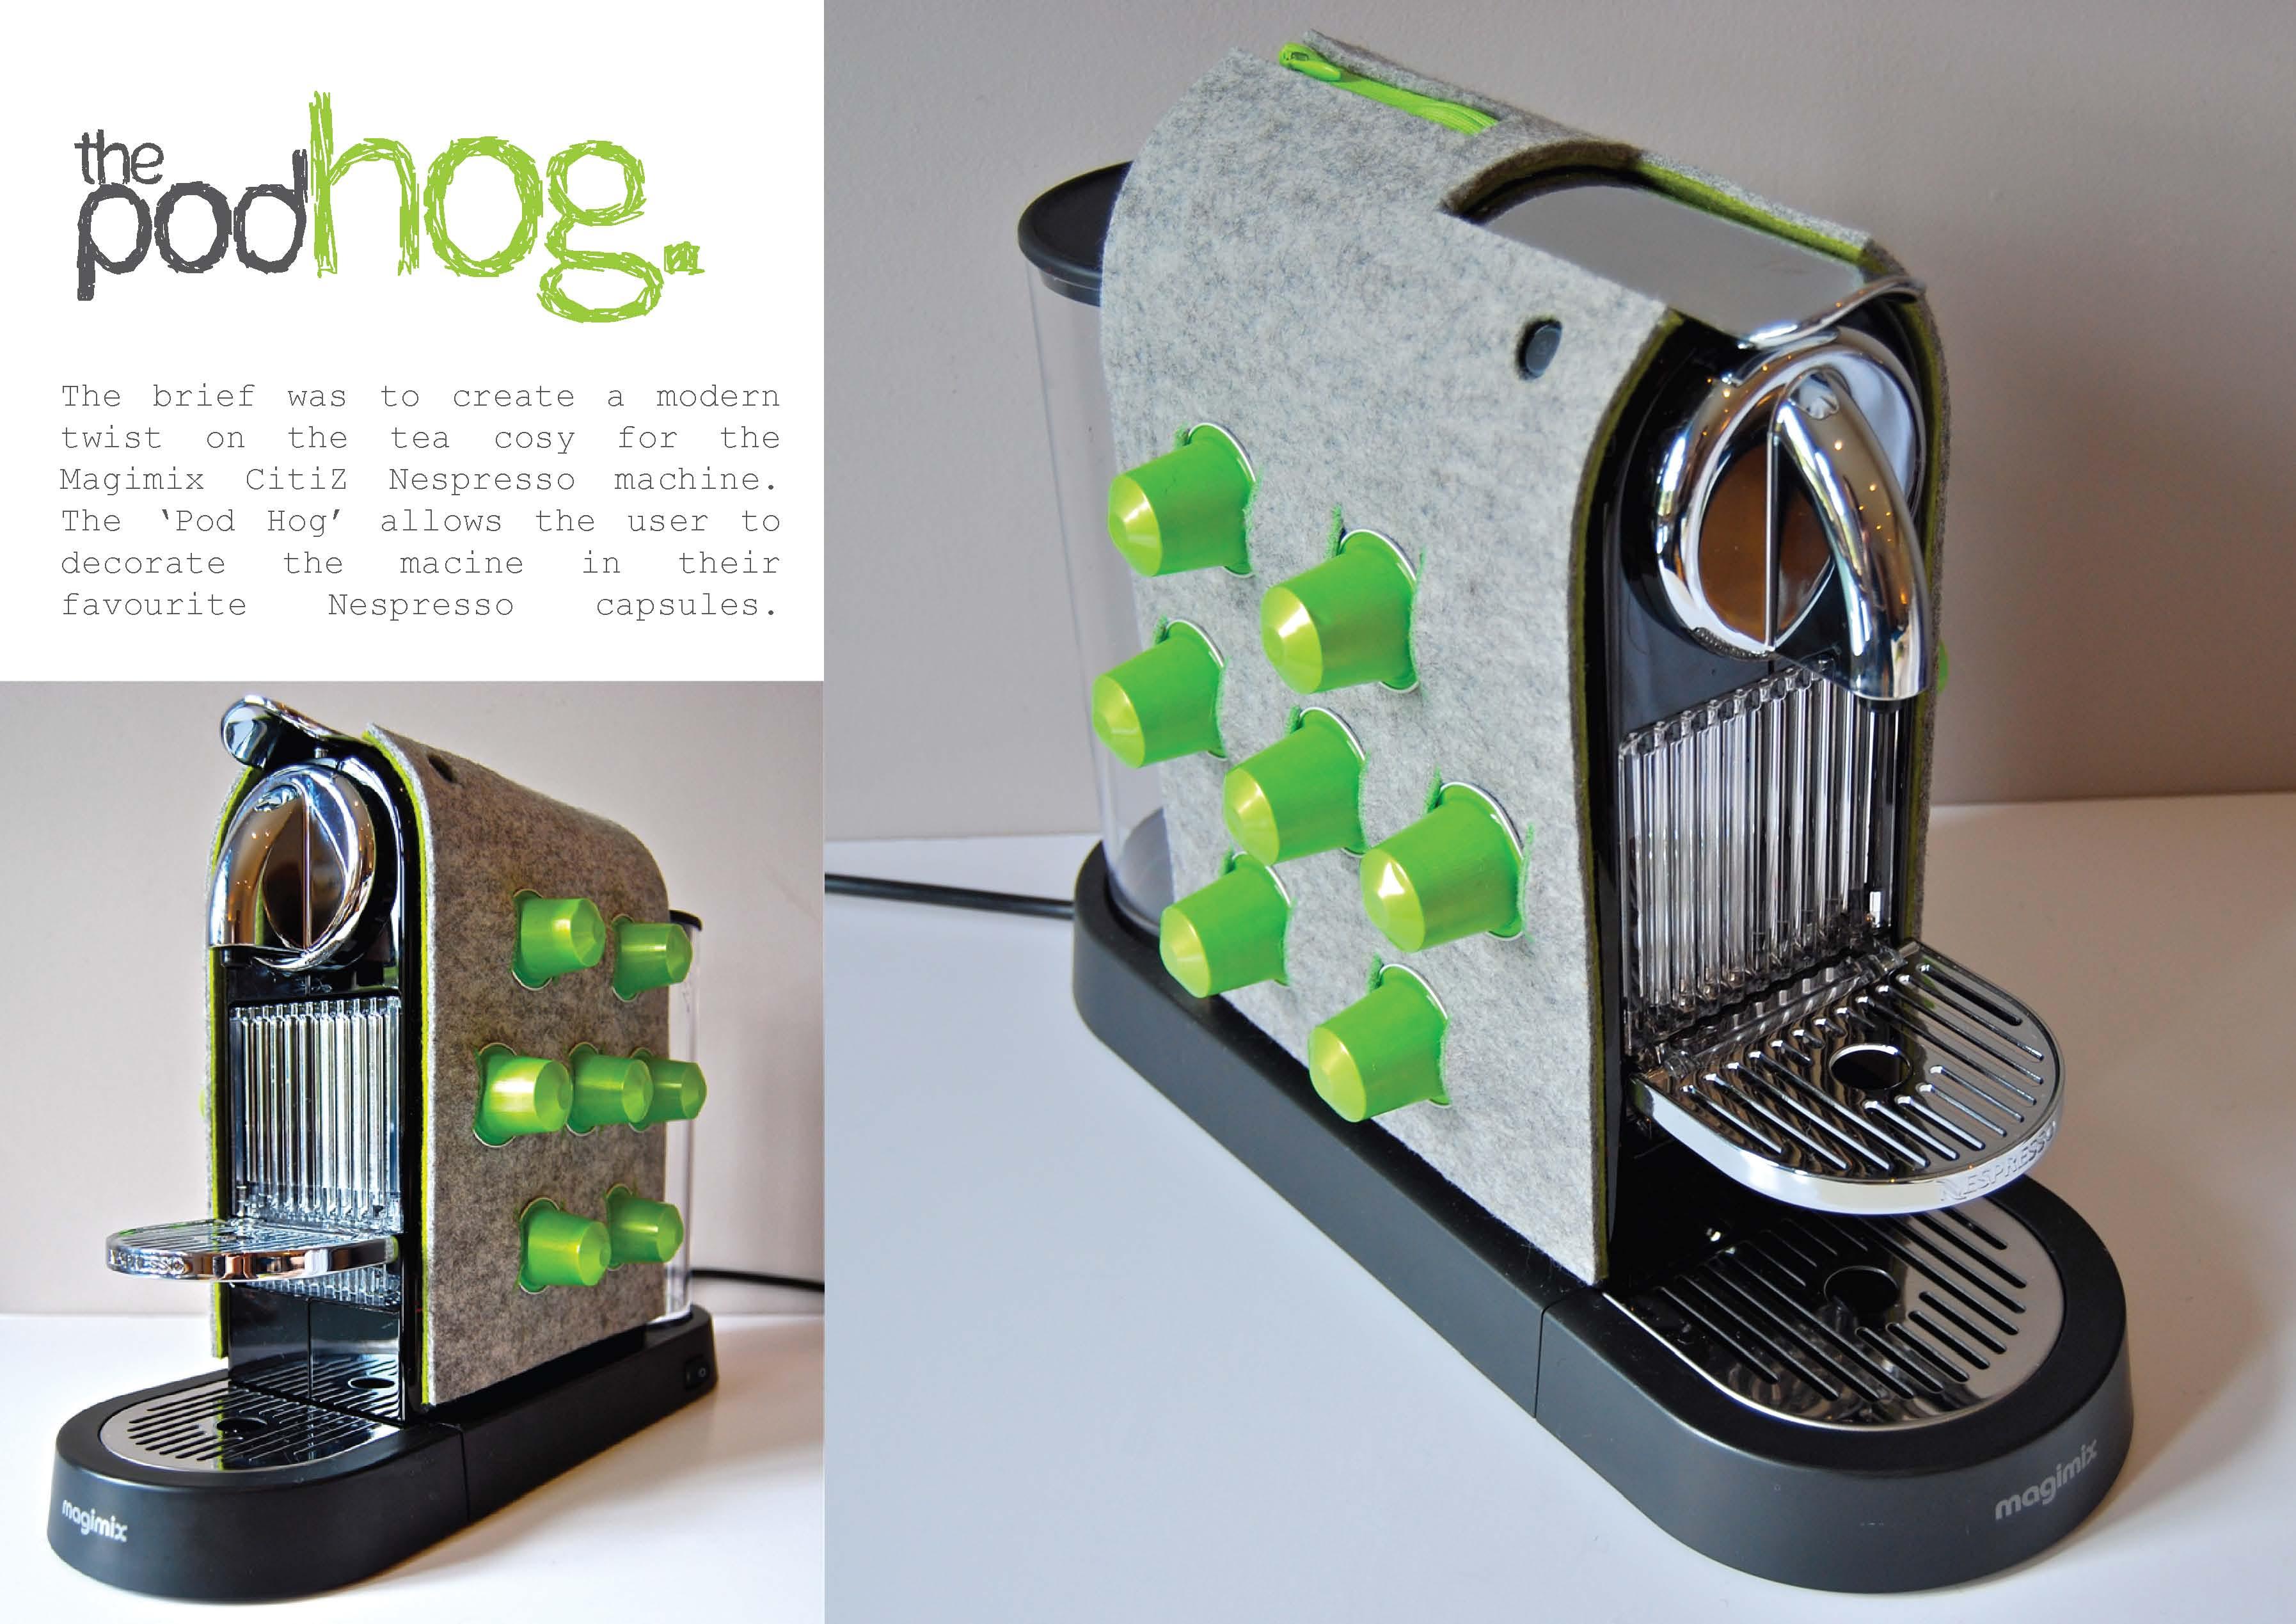 nespresso machine cover